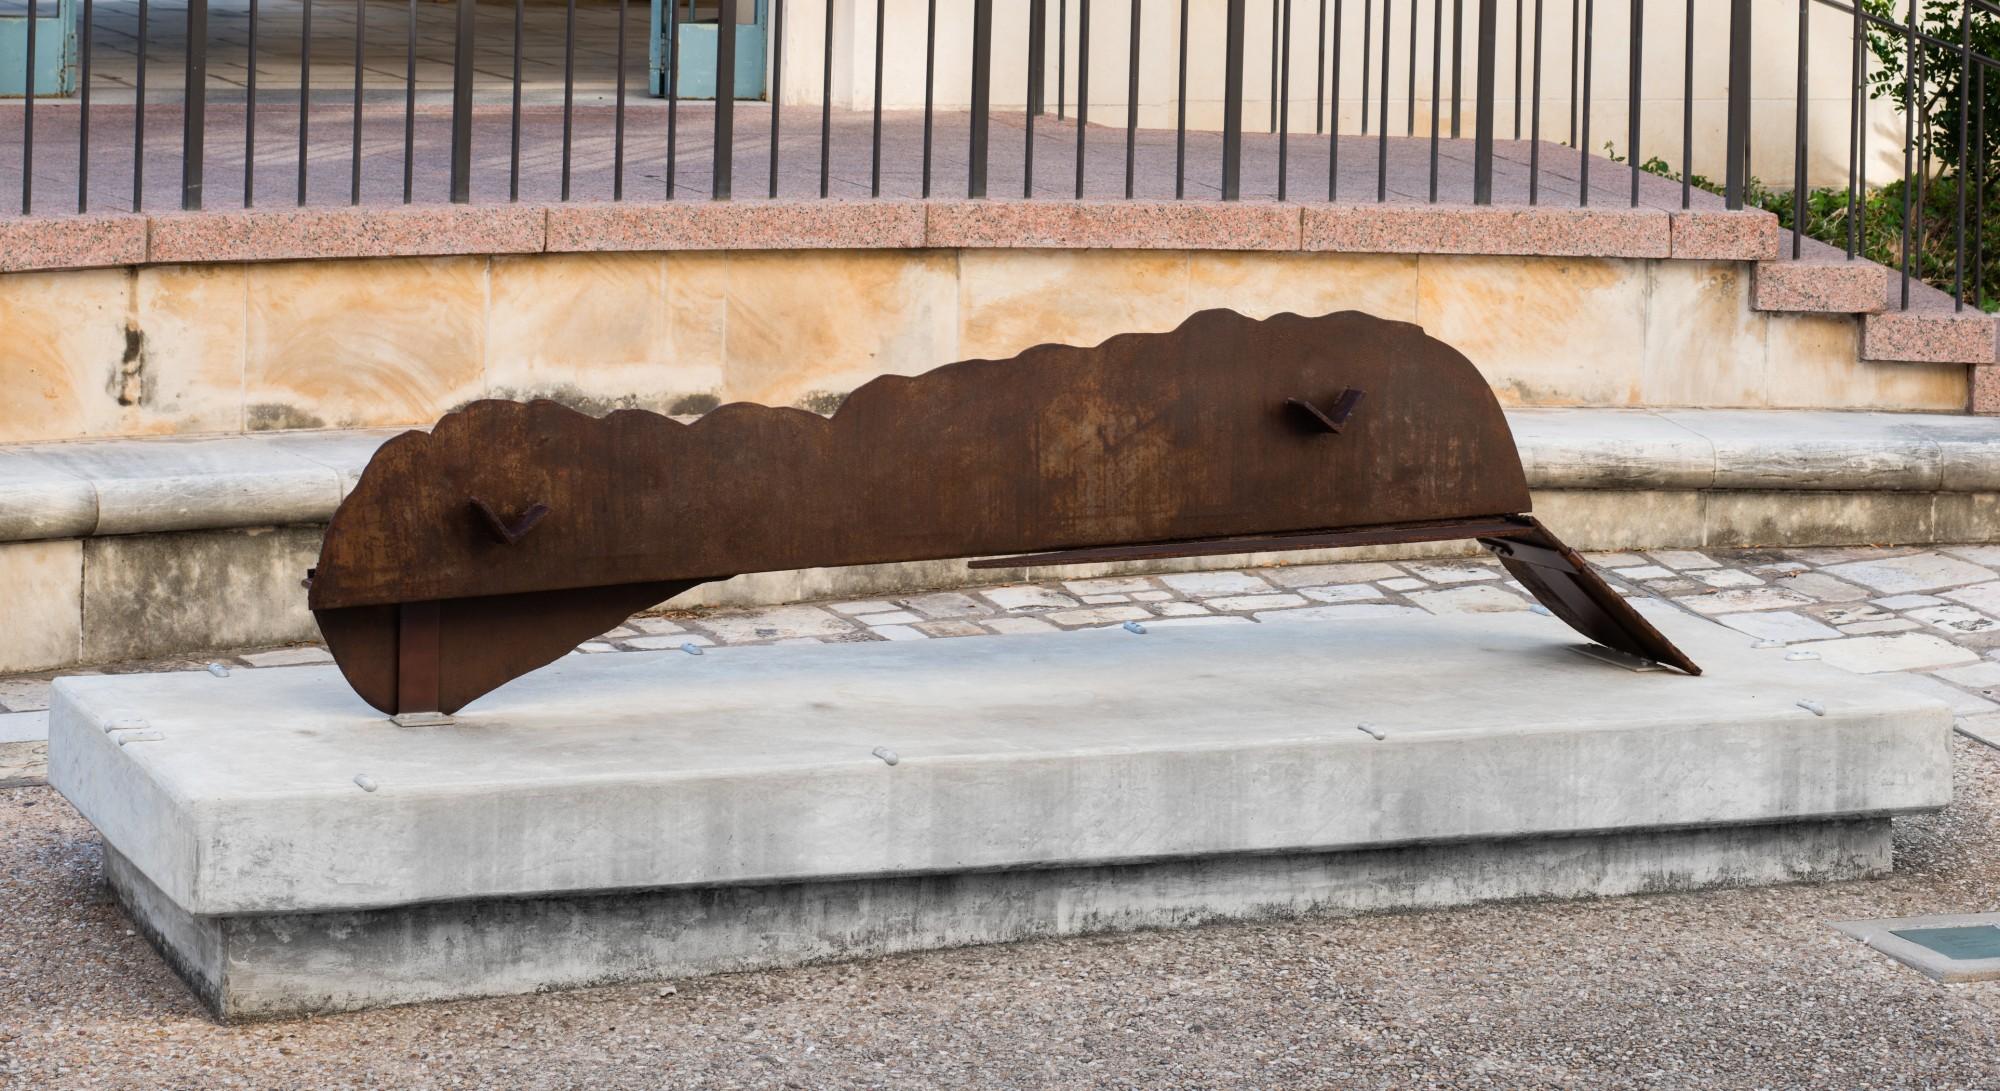 A brown sculpture on a concrete base